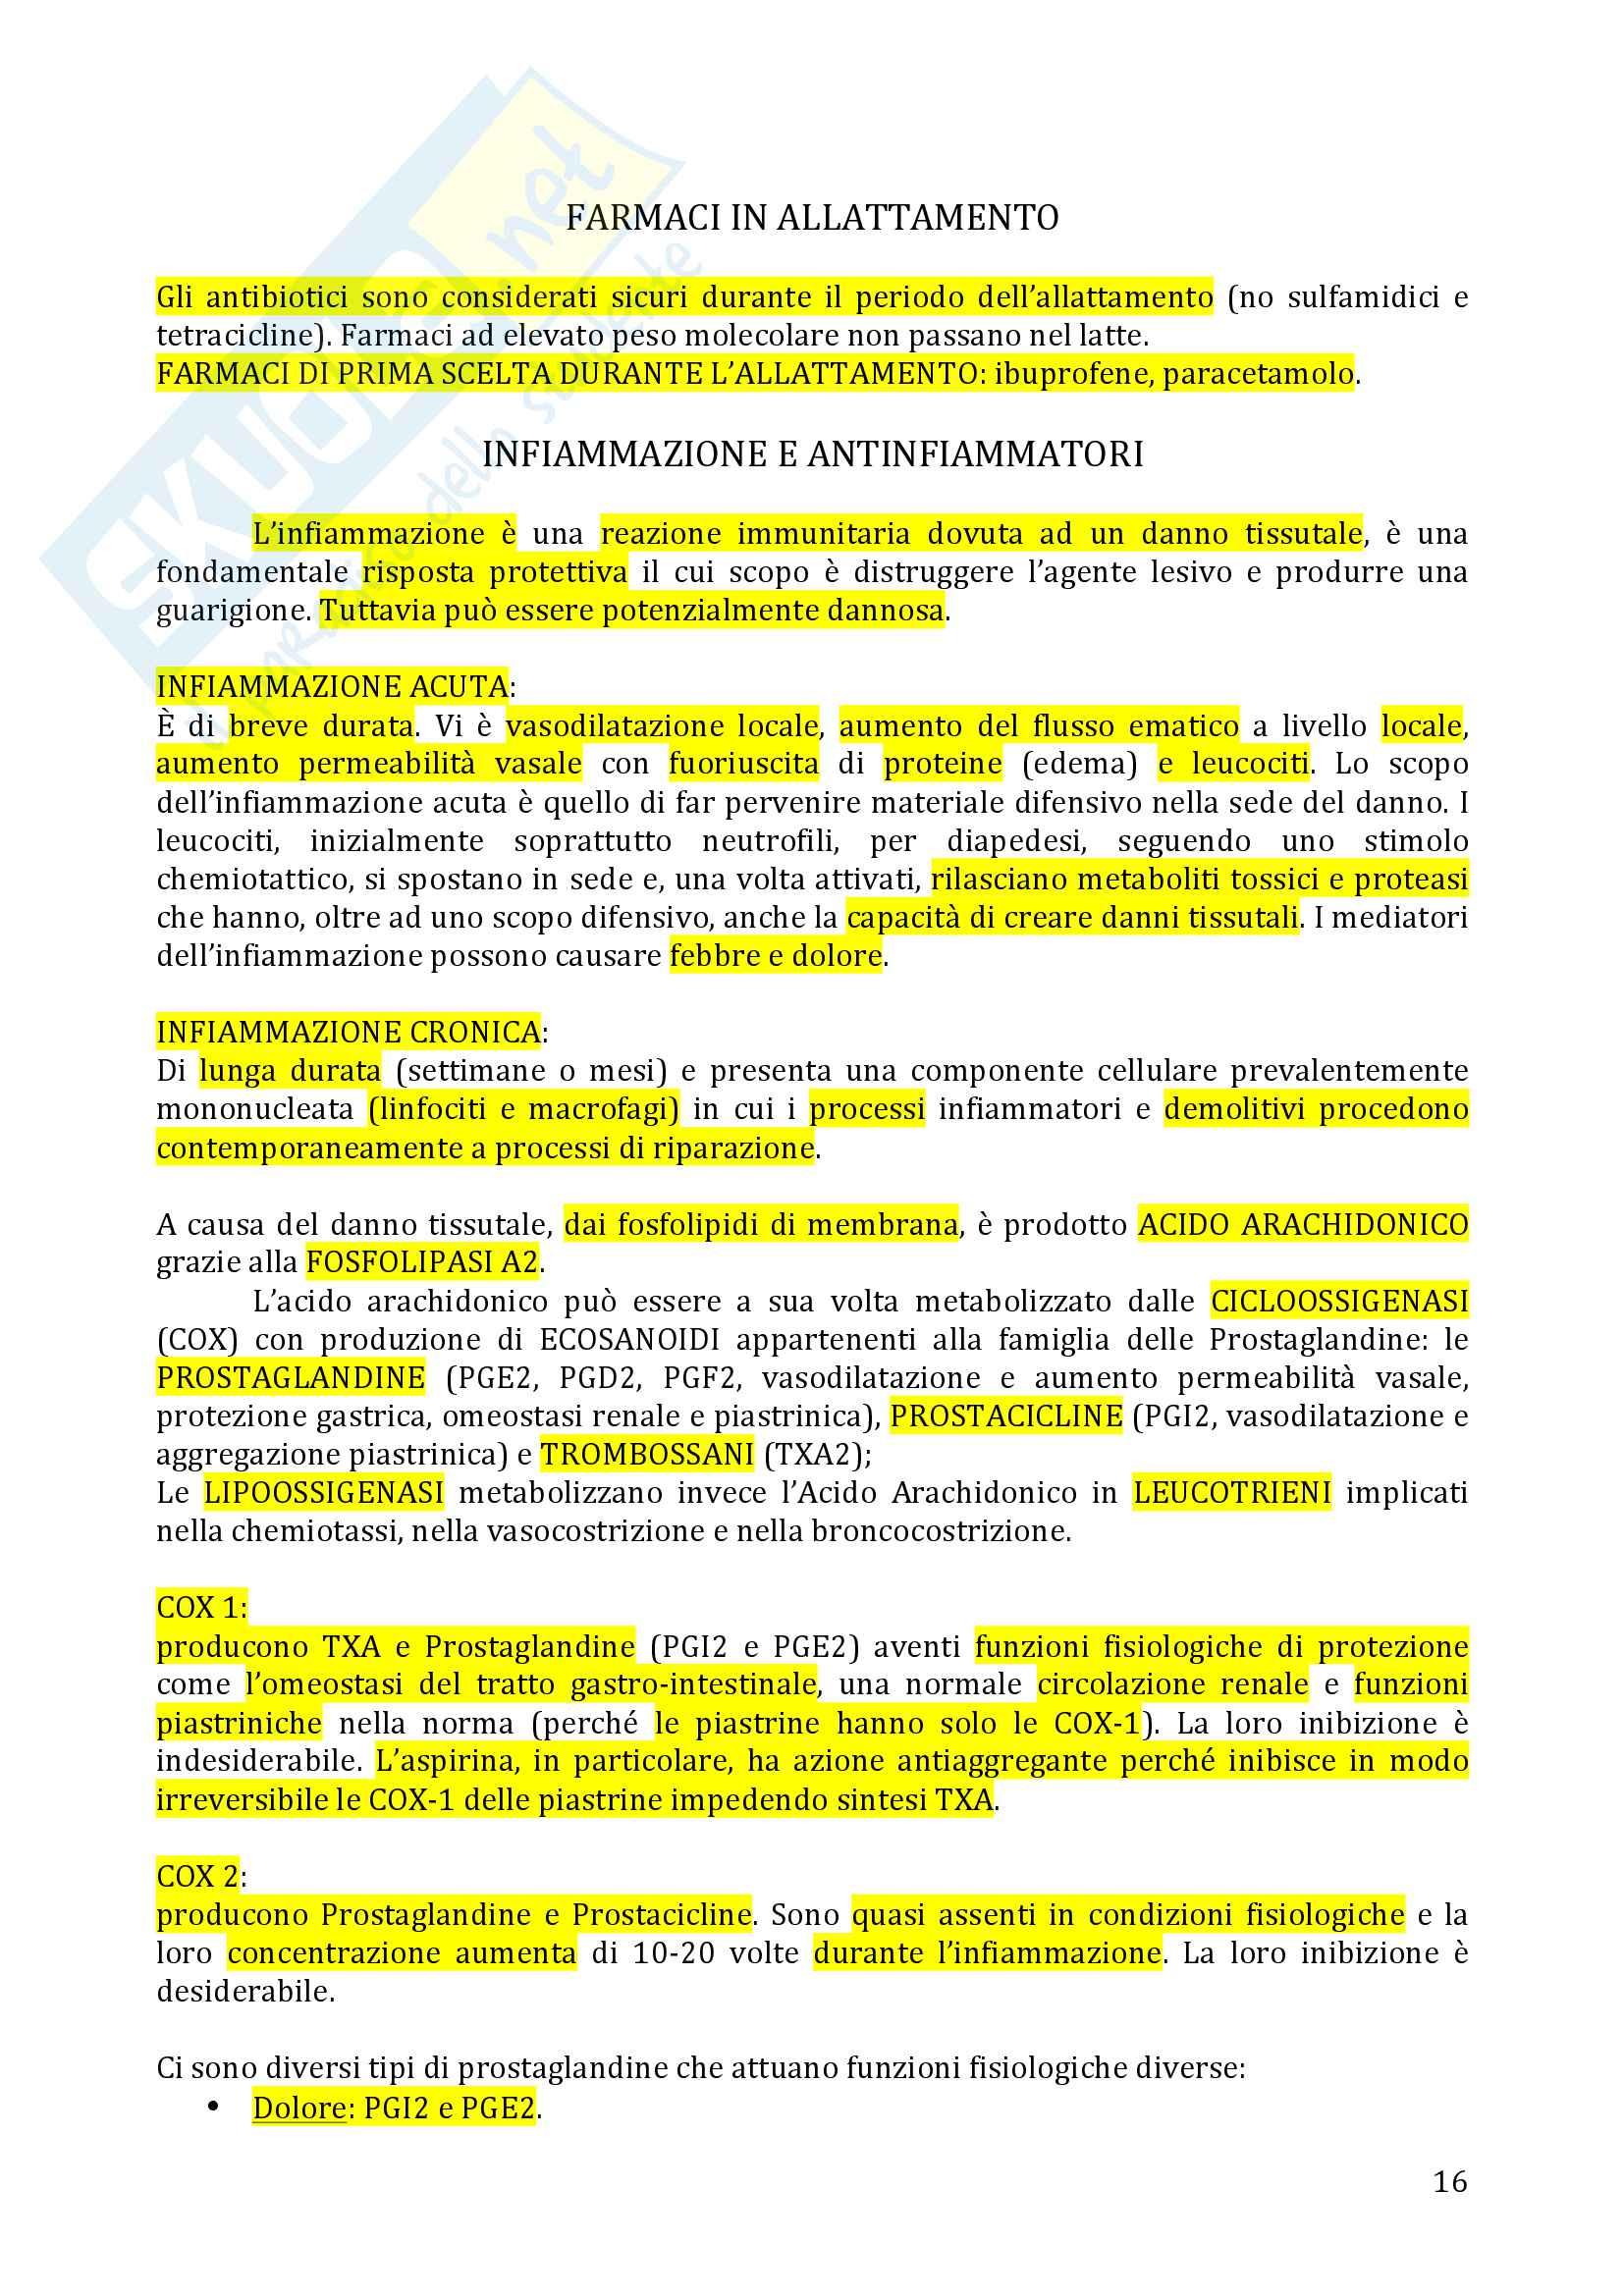 Farmacovigilanza Pag. 16